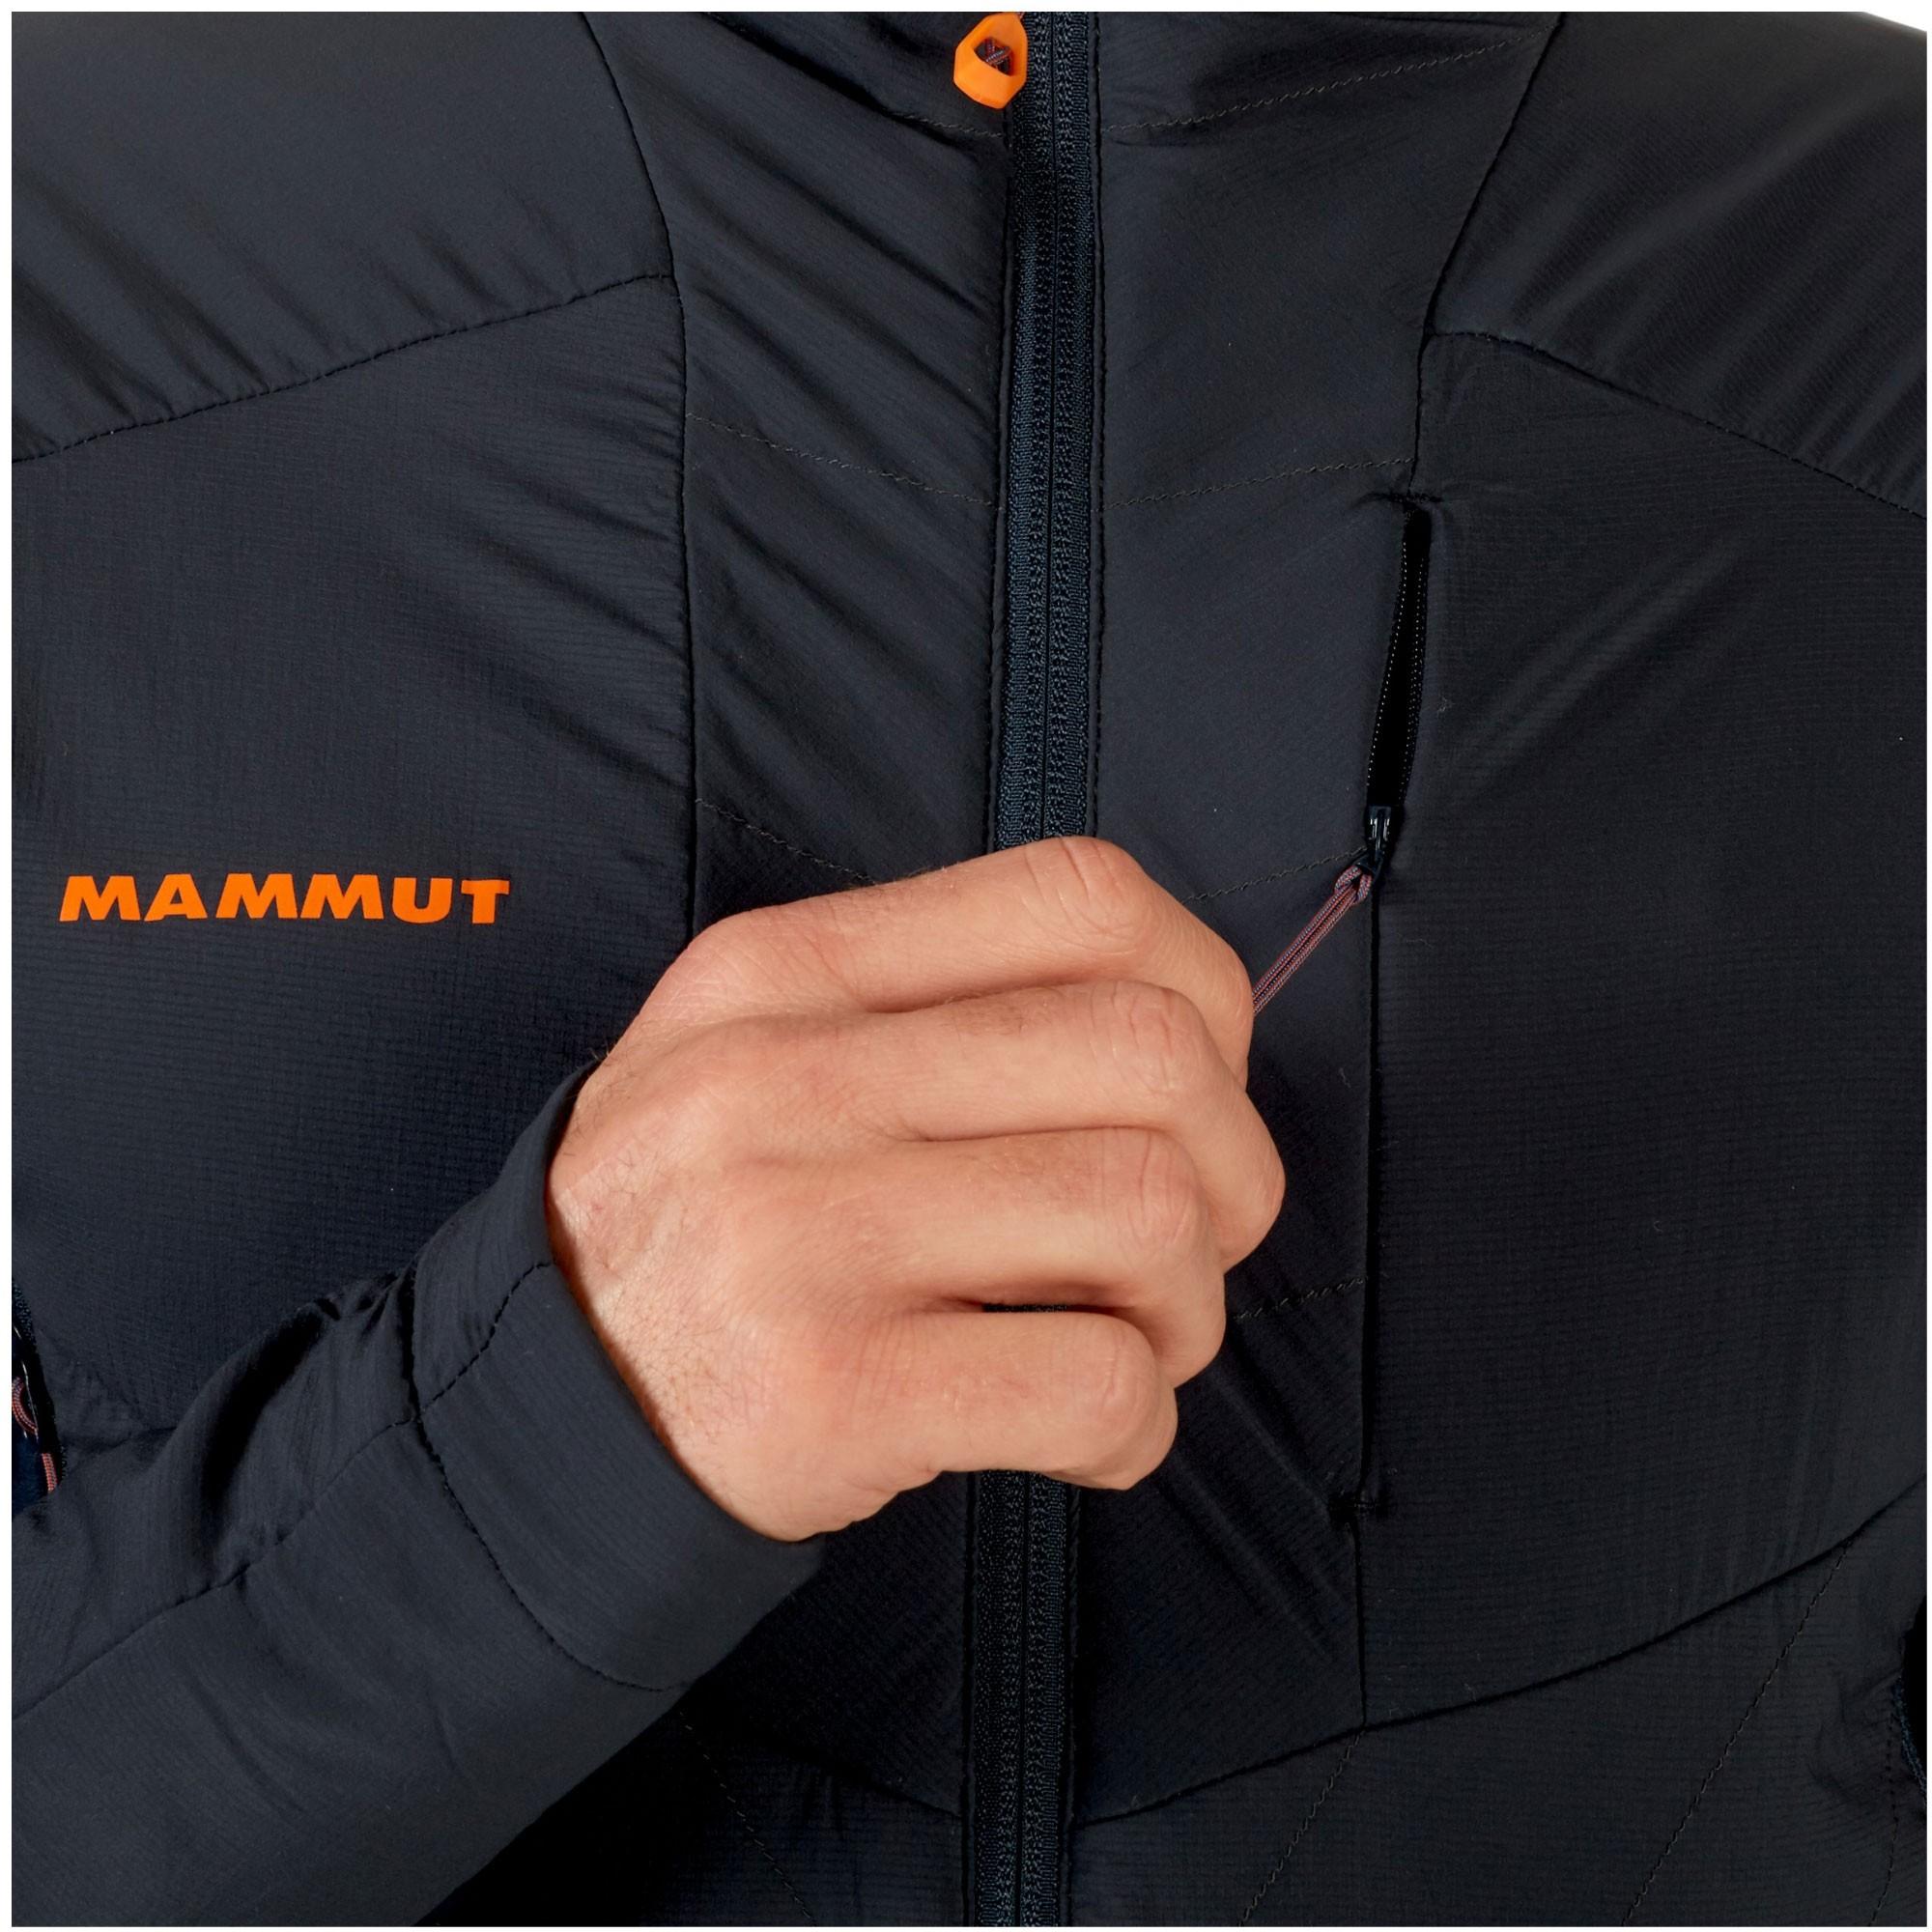 Mammu Eigerjoch IN Hybrid Hooded Jacket